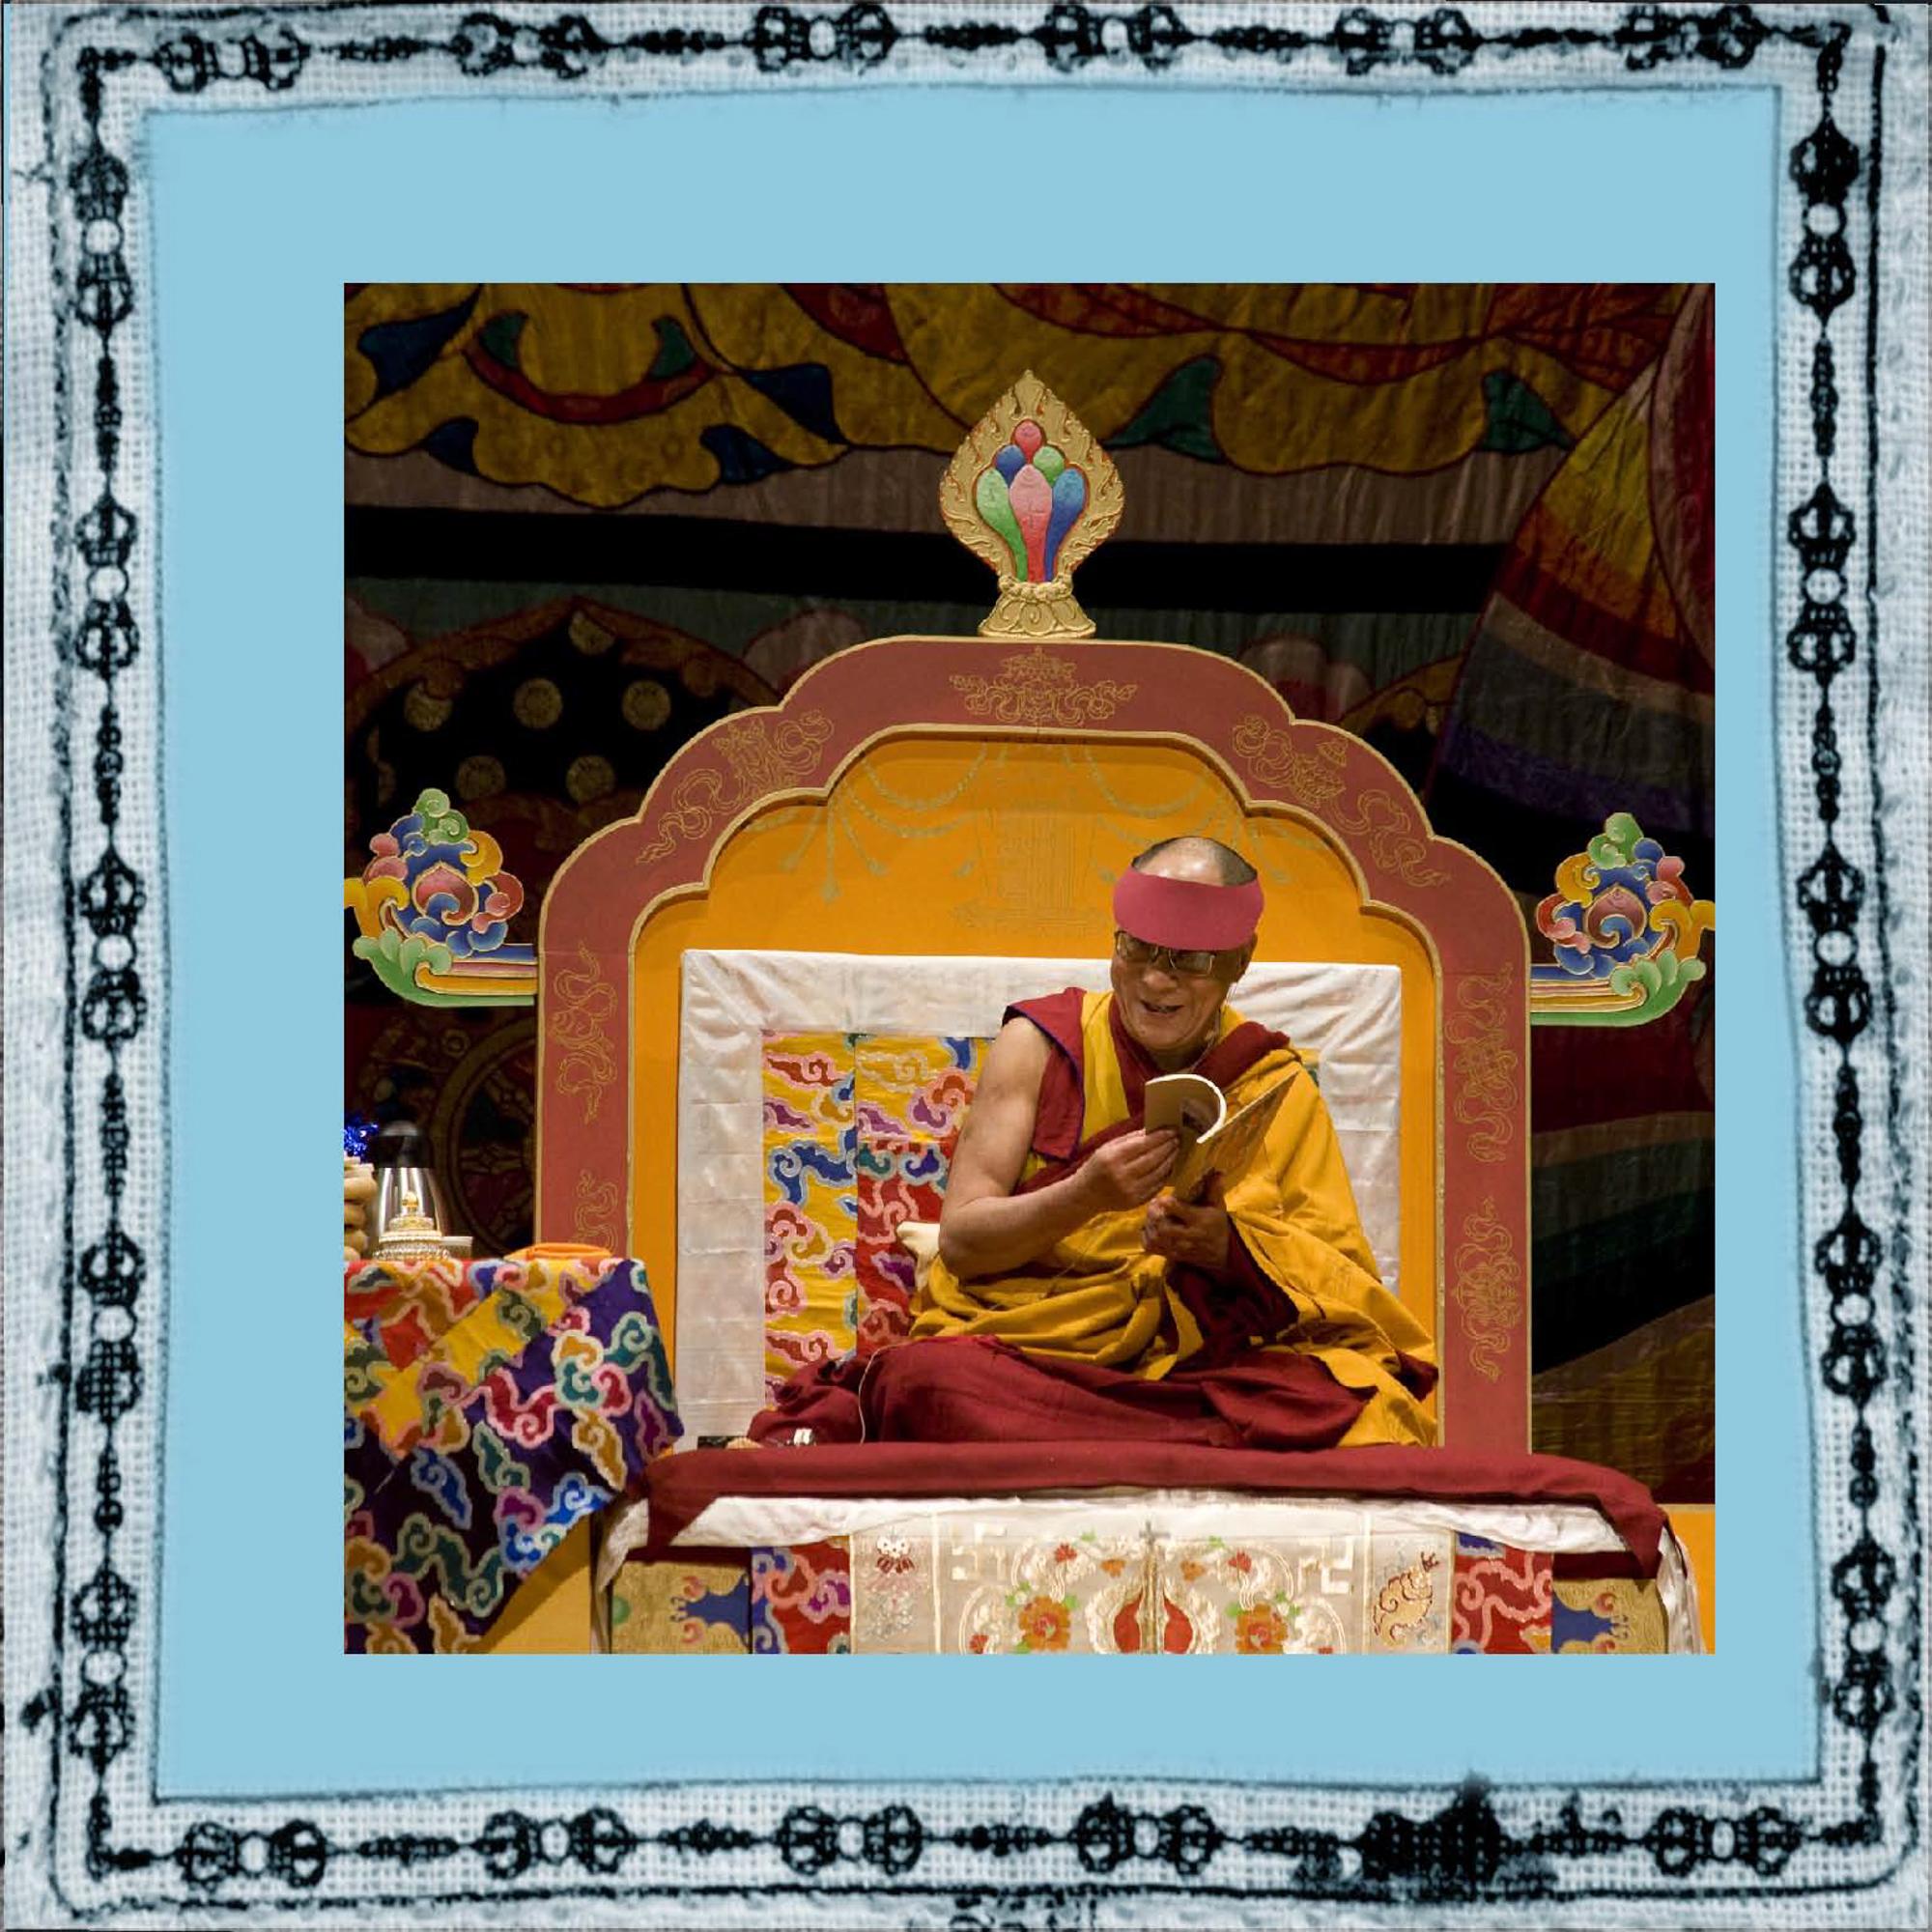 elizabeth-fenwick-photography-dalai-lama-peace-6.jpg